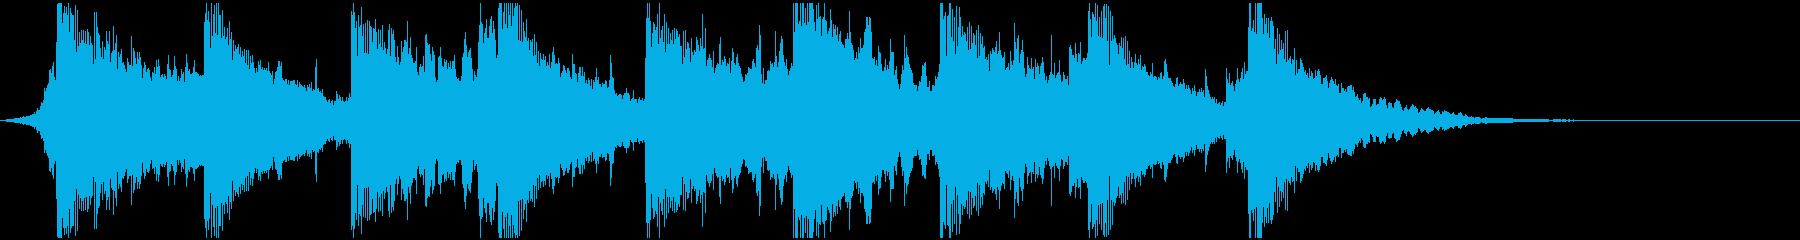 和風で運命的なOPの再生済みの波形